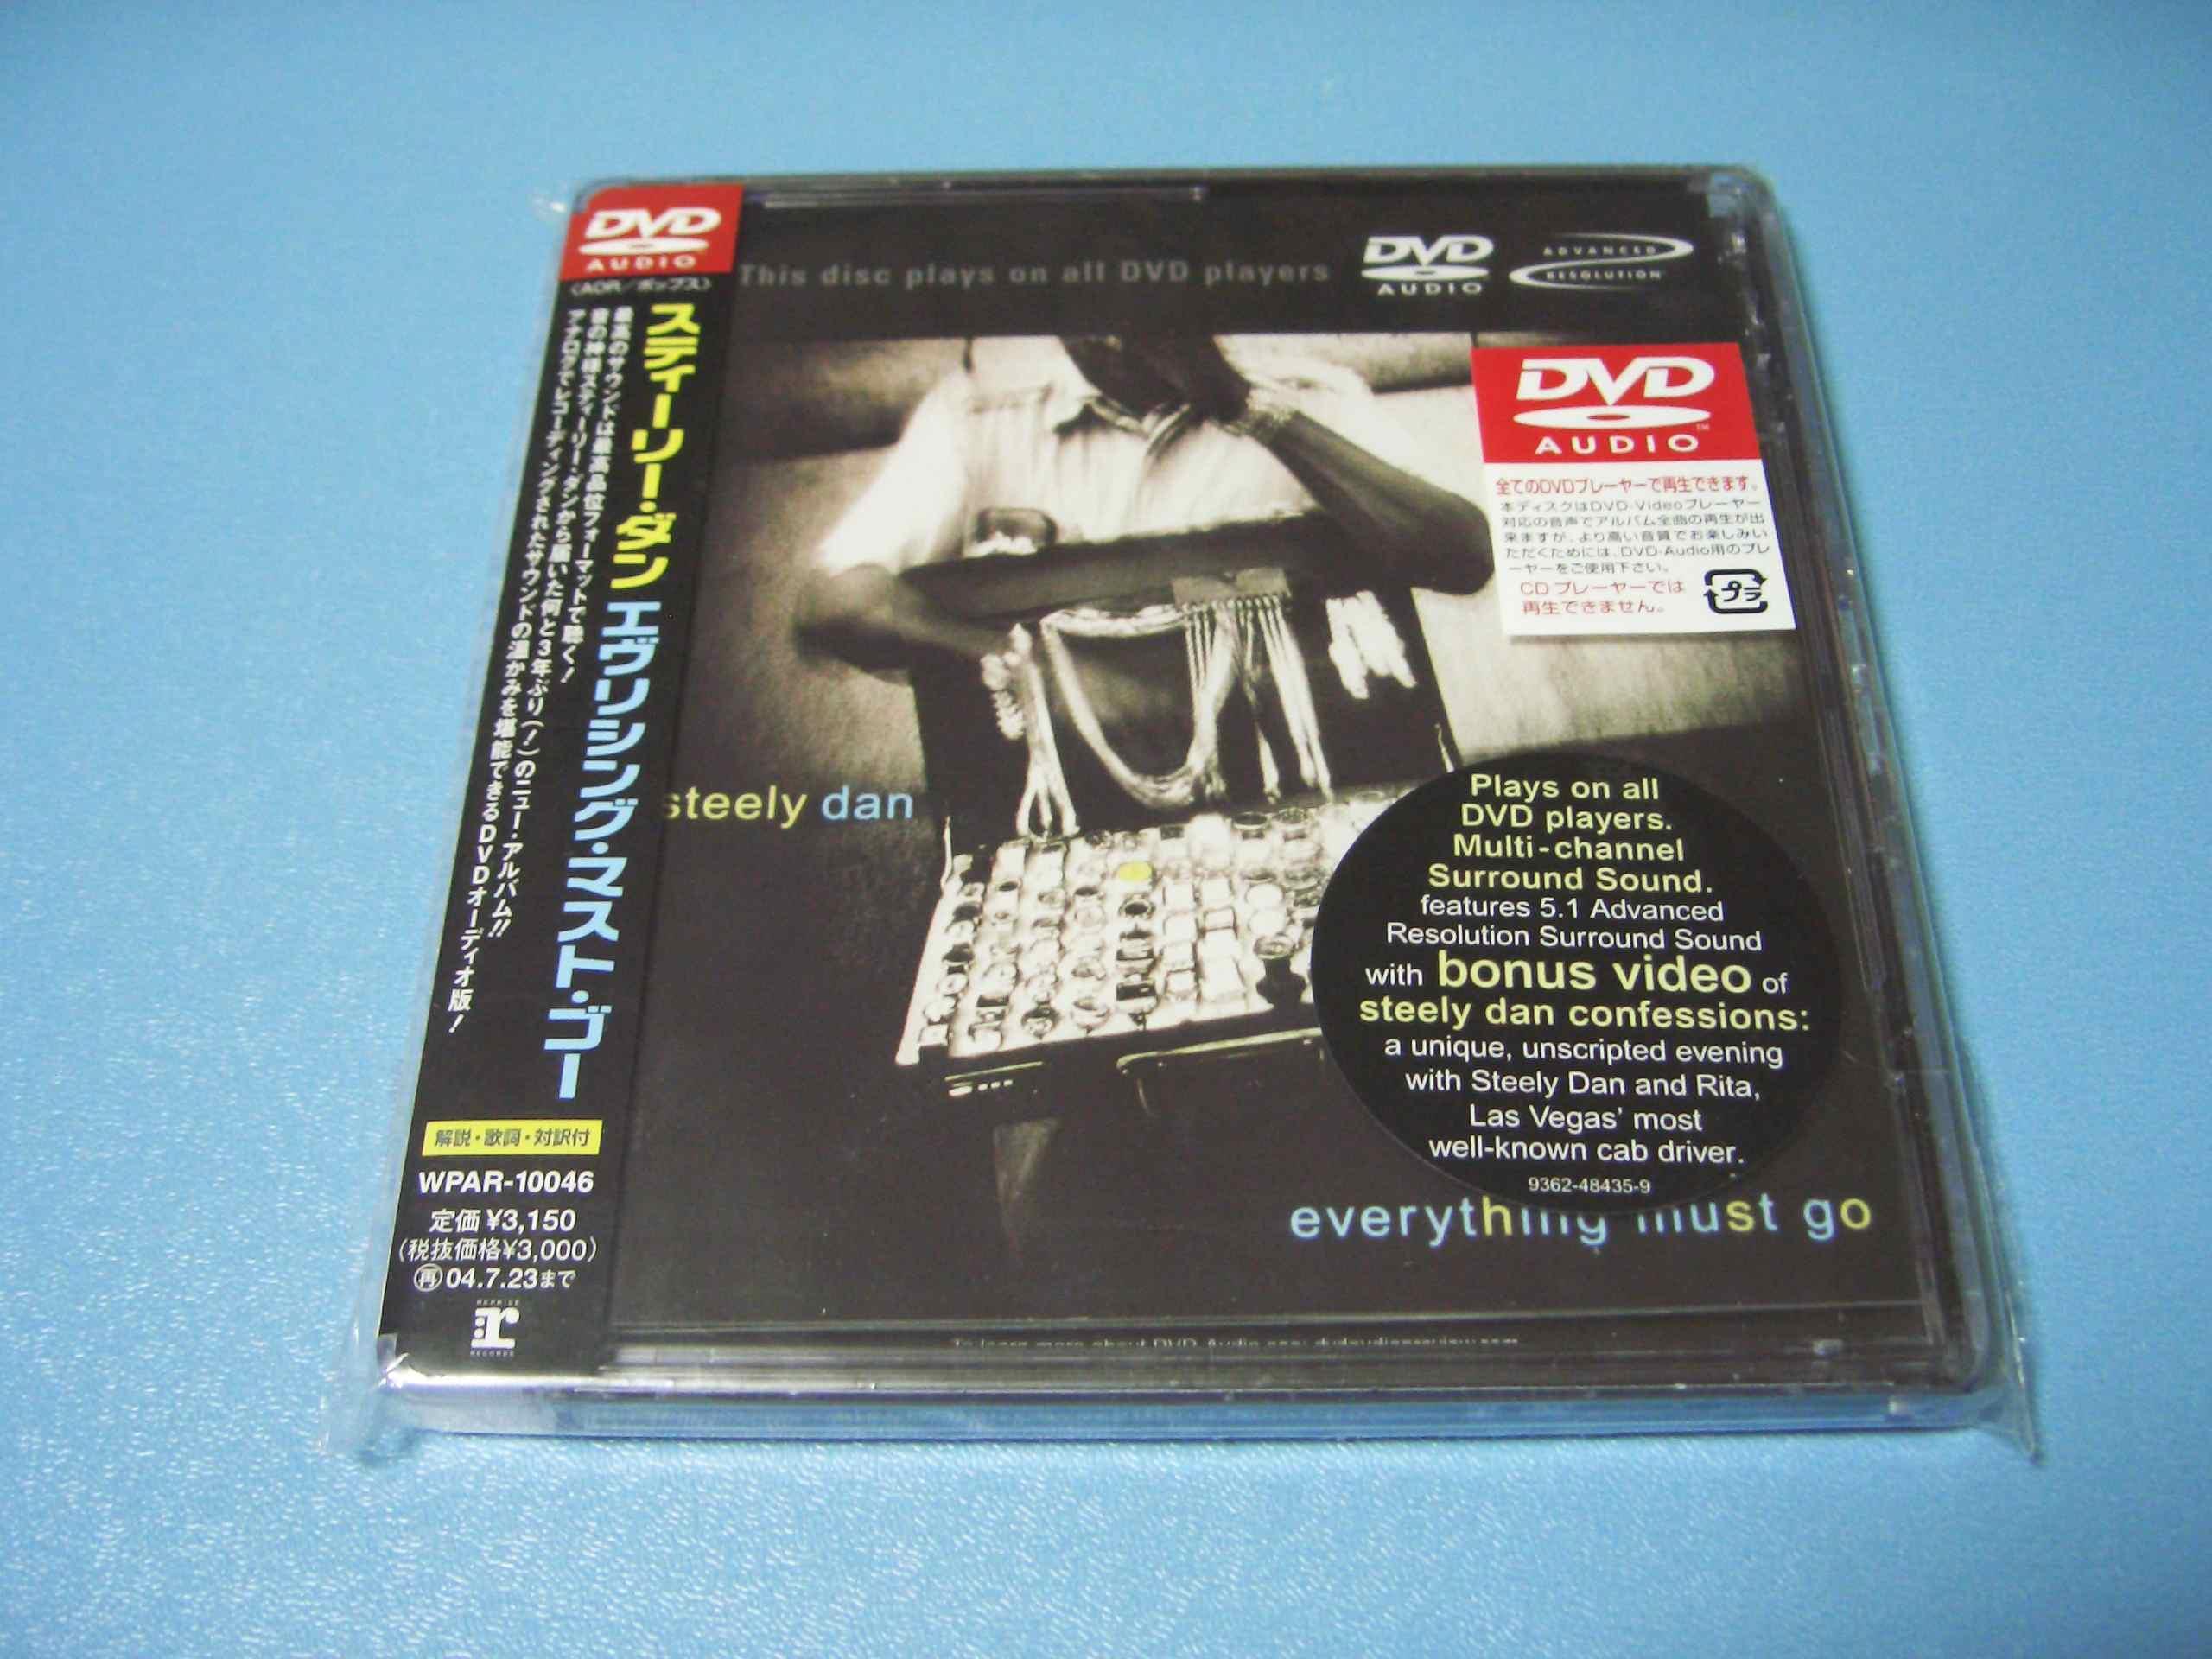 スティーリー・ダン / エヴリシング・マスト・ゴー(DVD-AUDIO)_c0062649_15161790.jpg